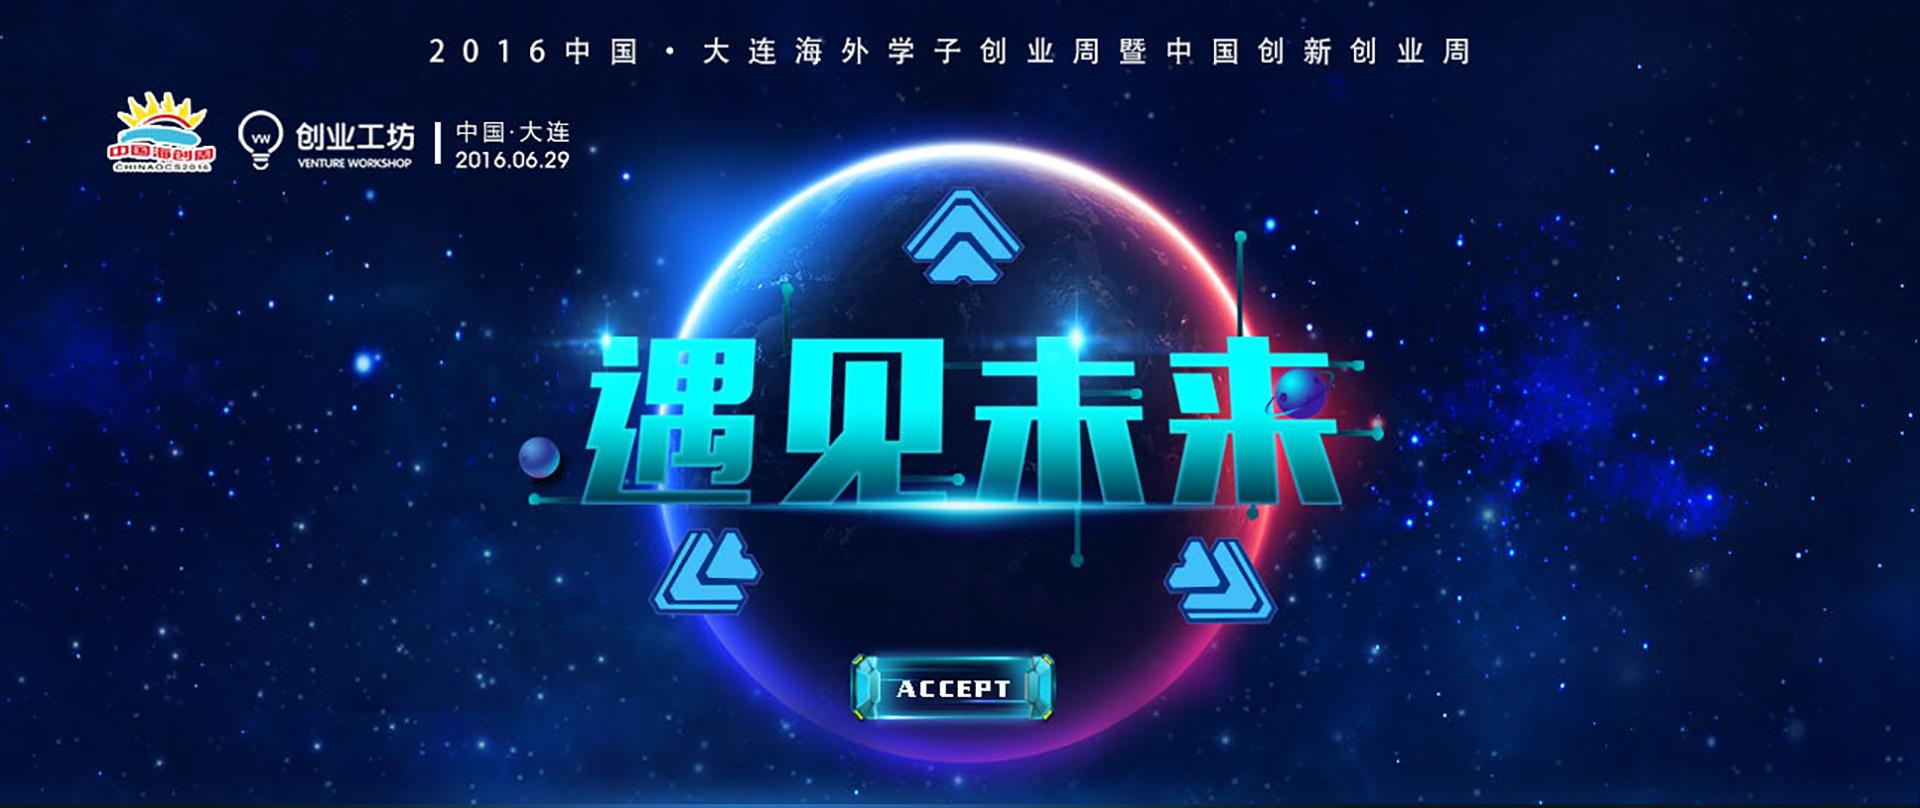 中国·大连创新创业周新产品发布会 - 专题活动 - 创业活动 - 创业工坊-东北创业领航者